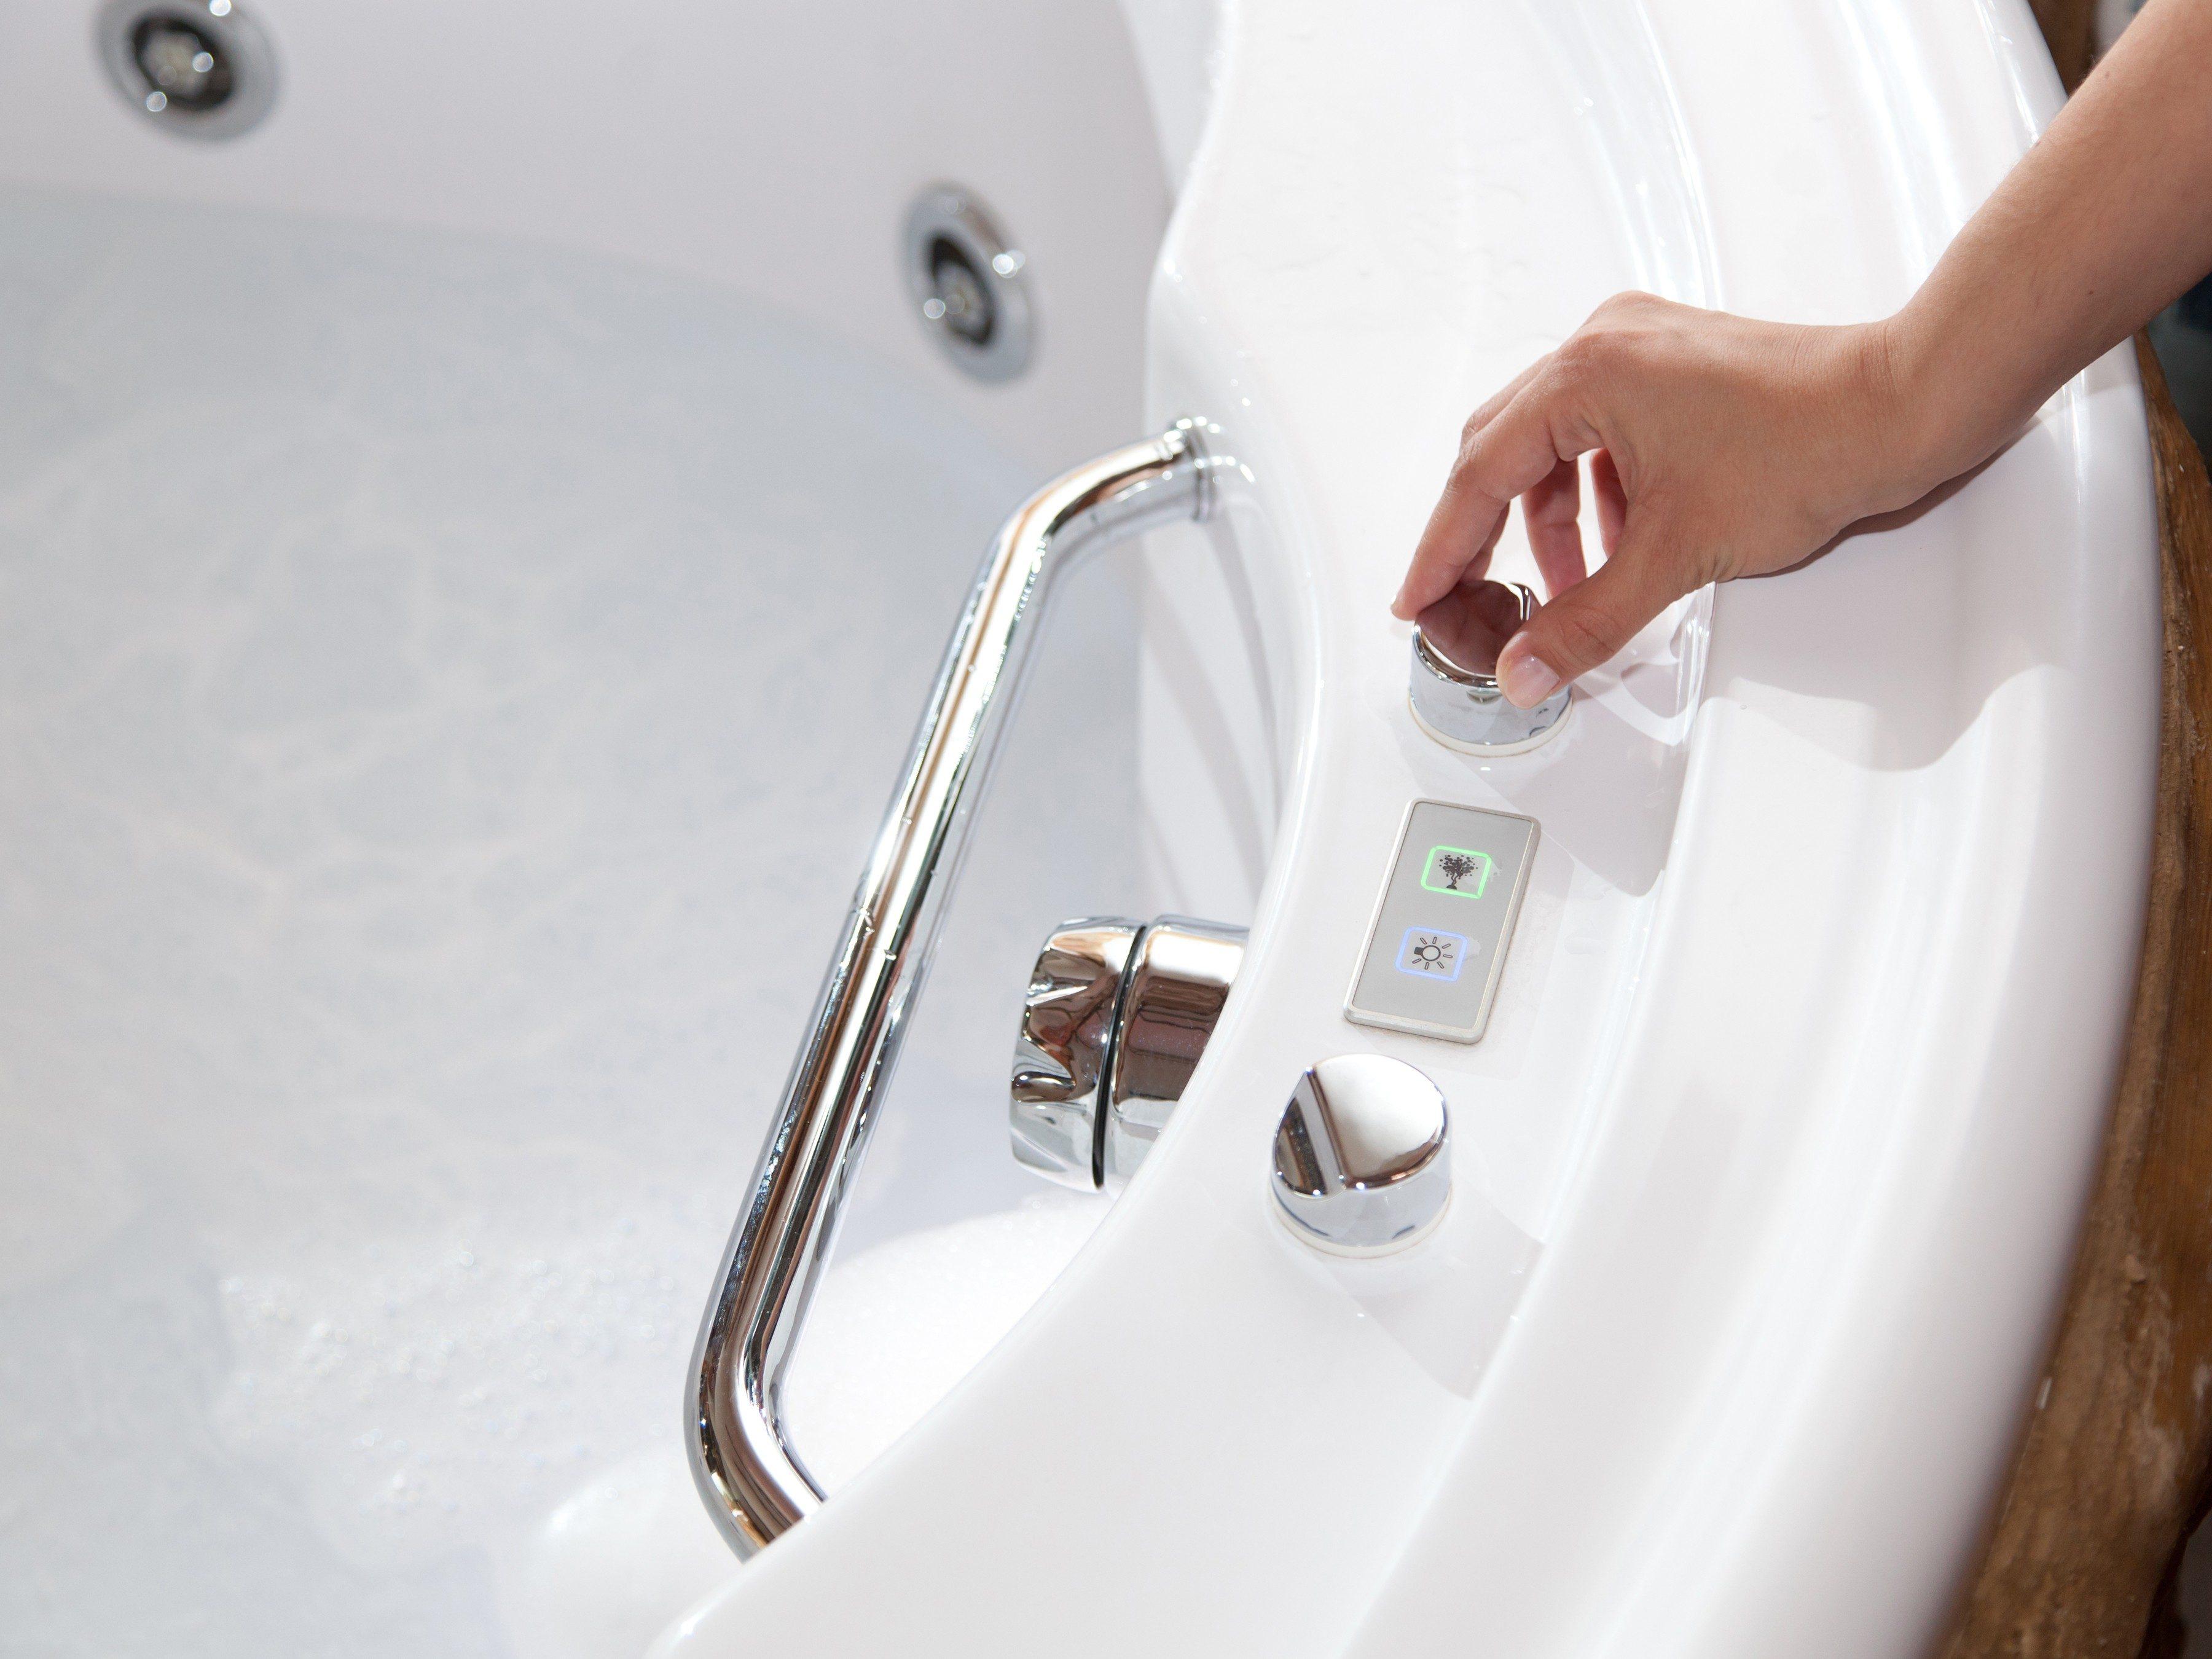 9. Take a warm bath.